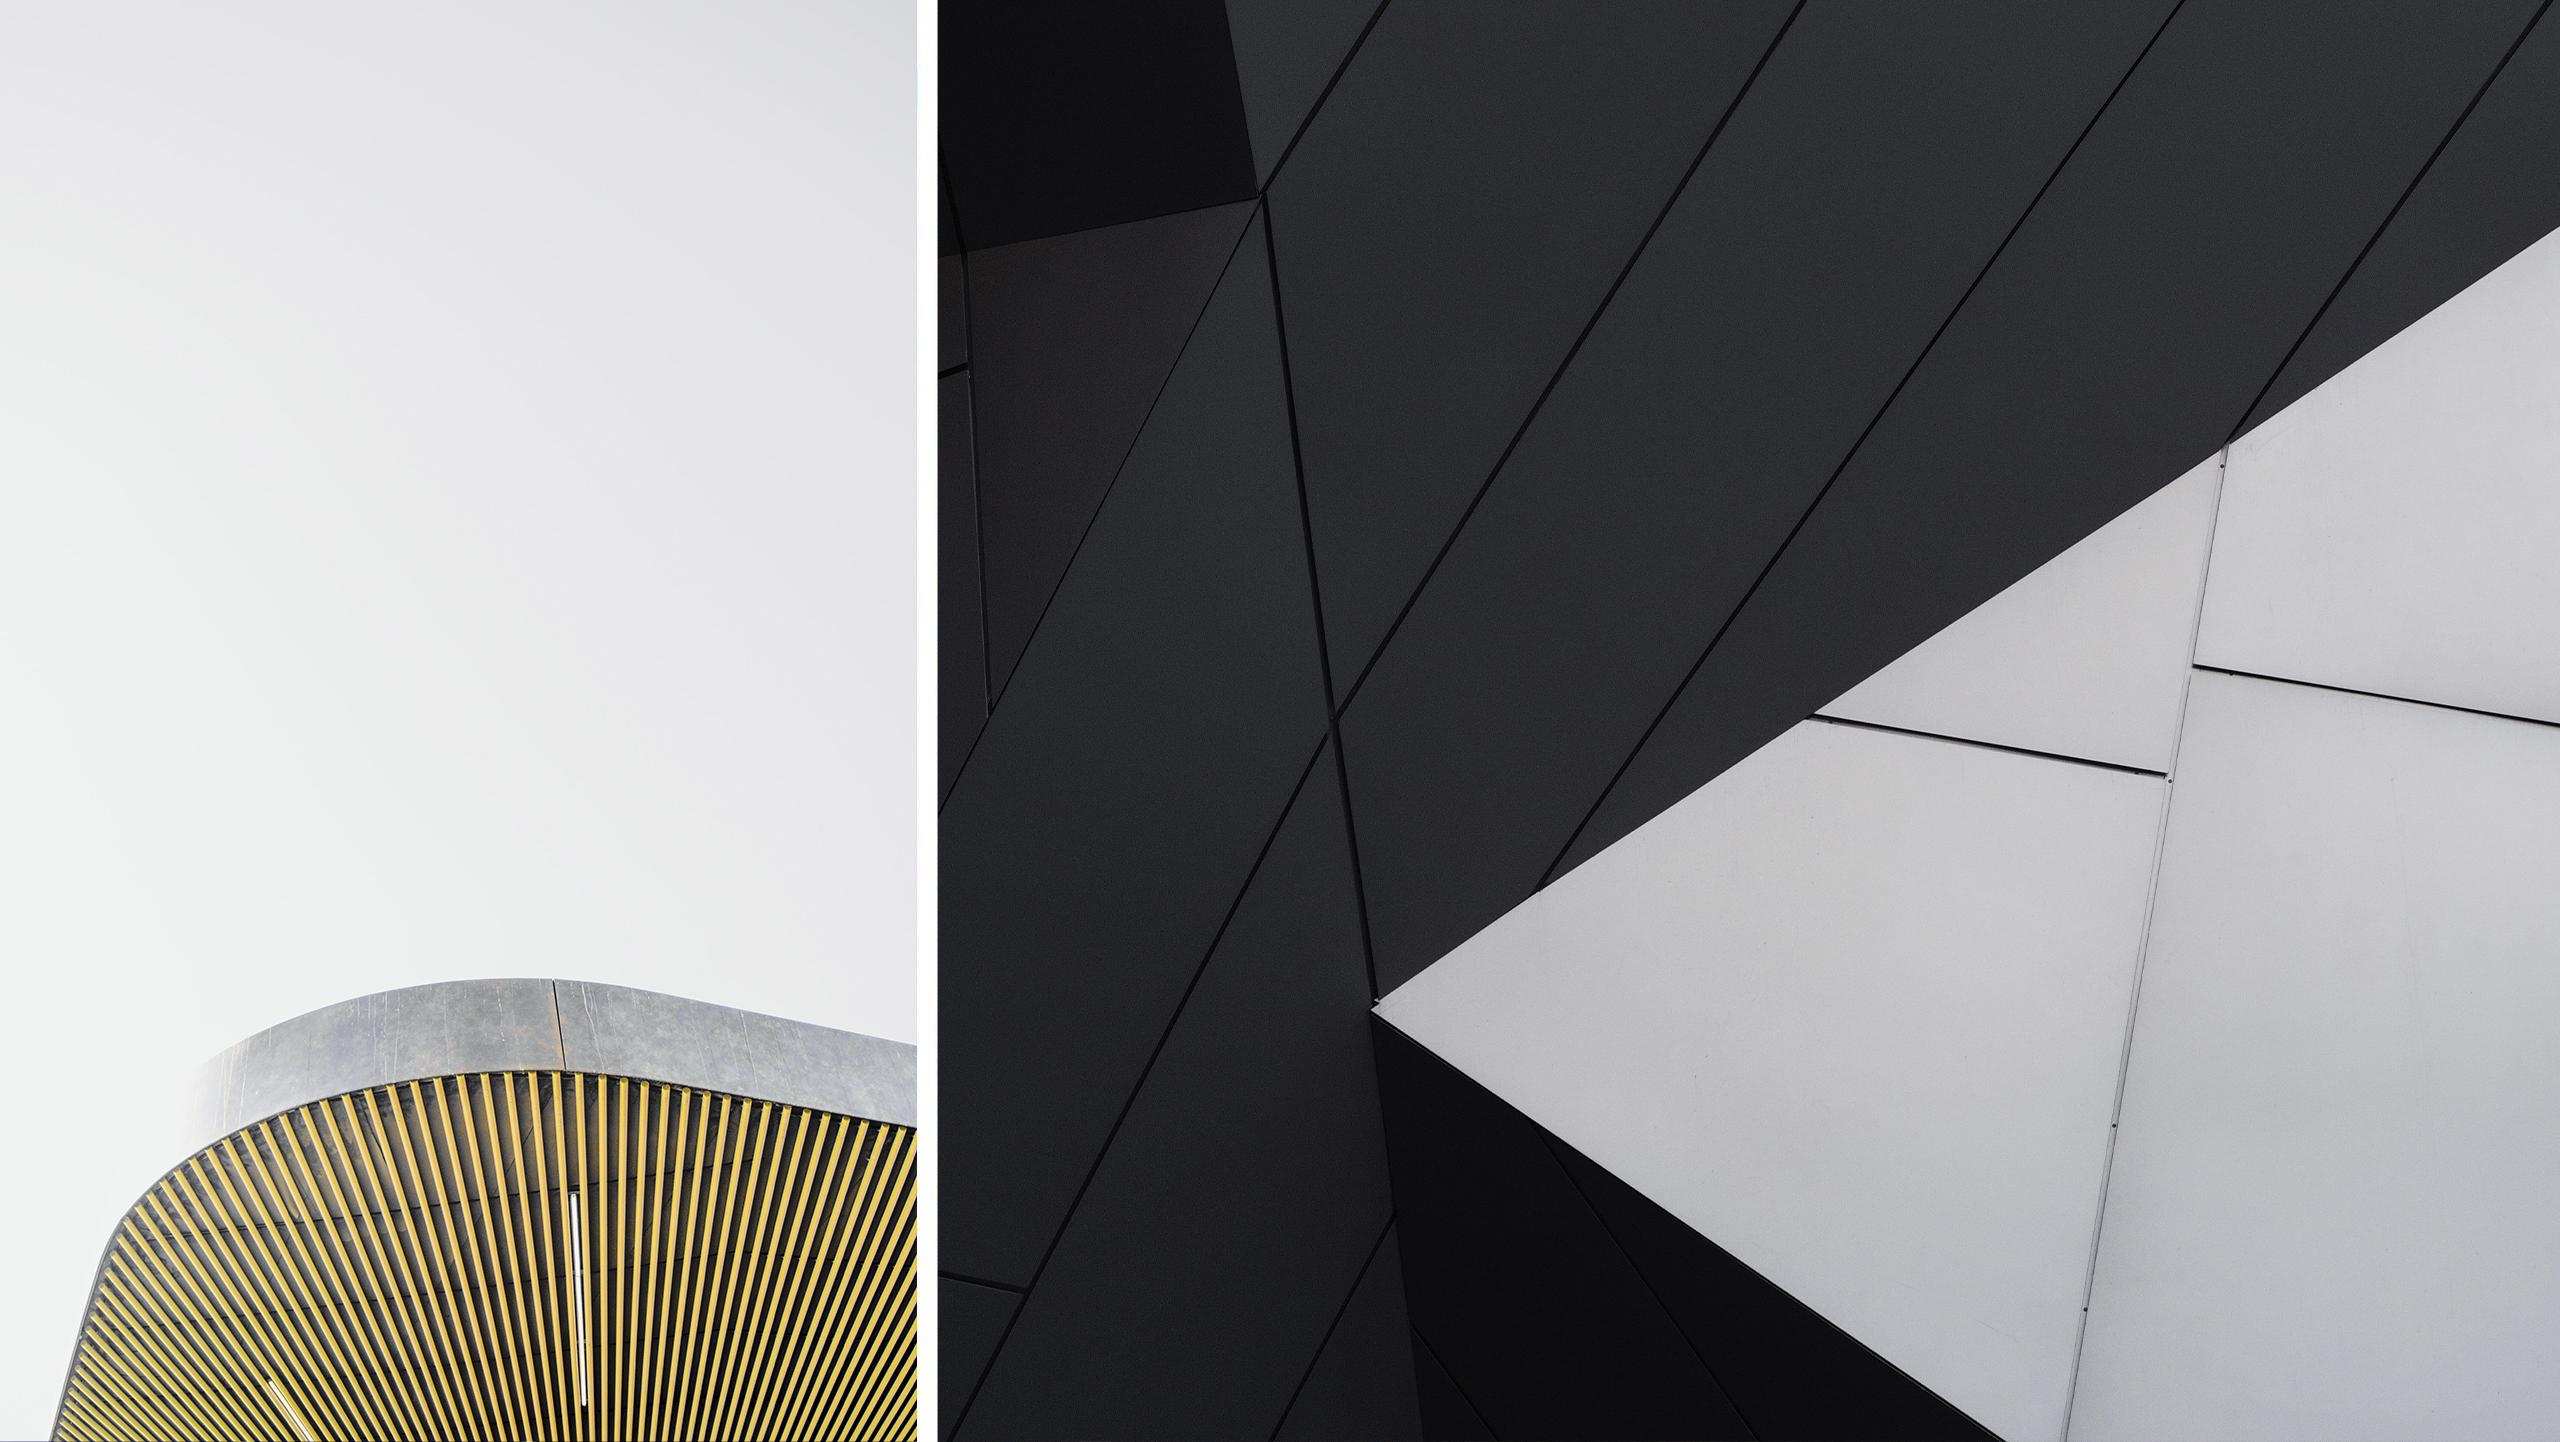 Architekturelemente. Eine Lamellenstruktur und eine spitz zulaufende Kante als markante Details im Ausstellungsbau.